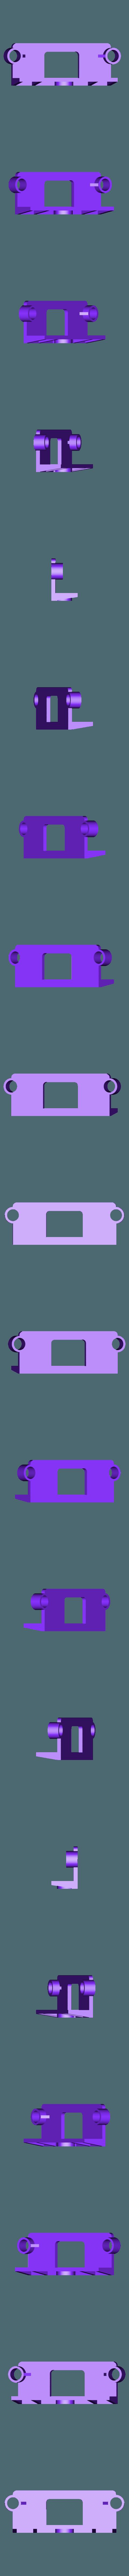 FreeMovingClamp.stl Télécharger fichier STL gratuit Support de caméra de plafond pour plafonds commerciaux de 600 mm • Design imprimable en 3D, PapaBravo